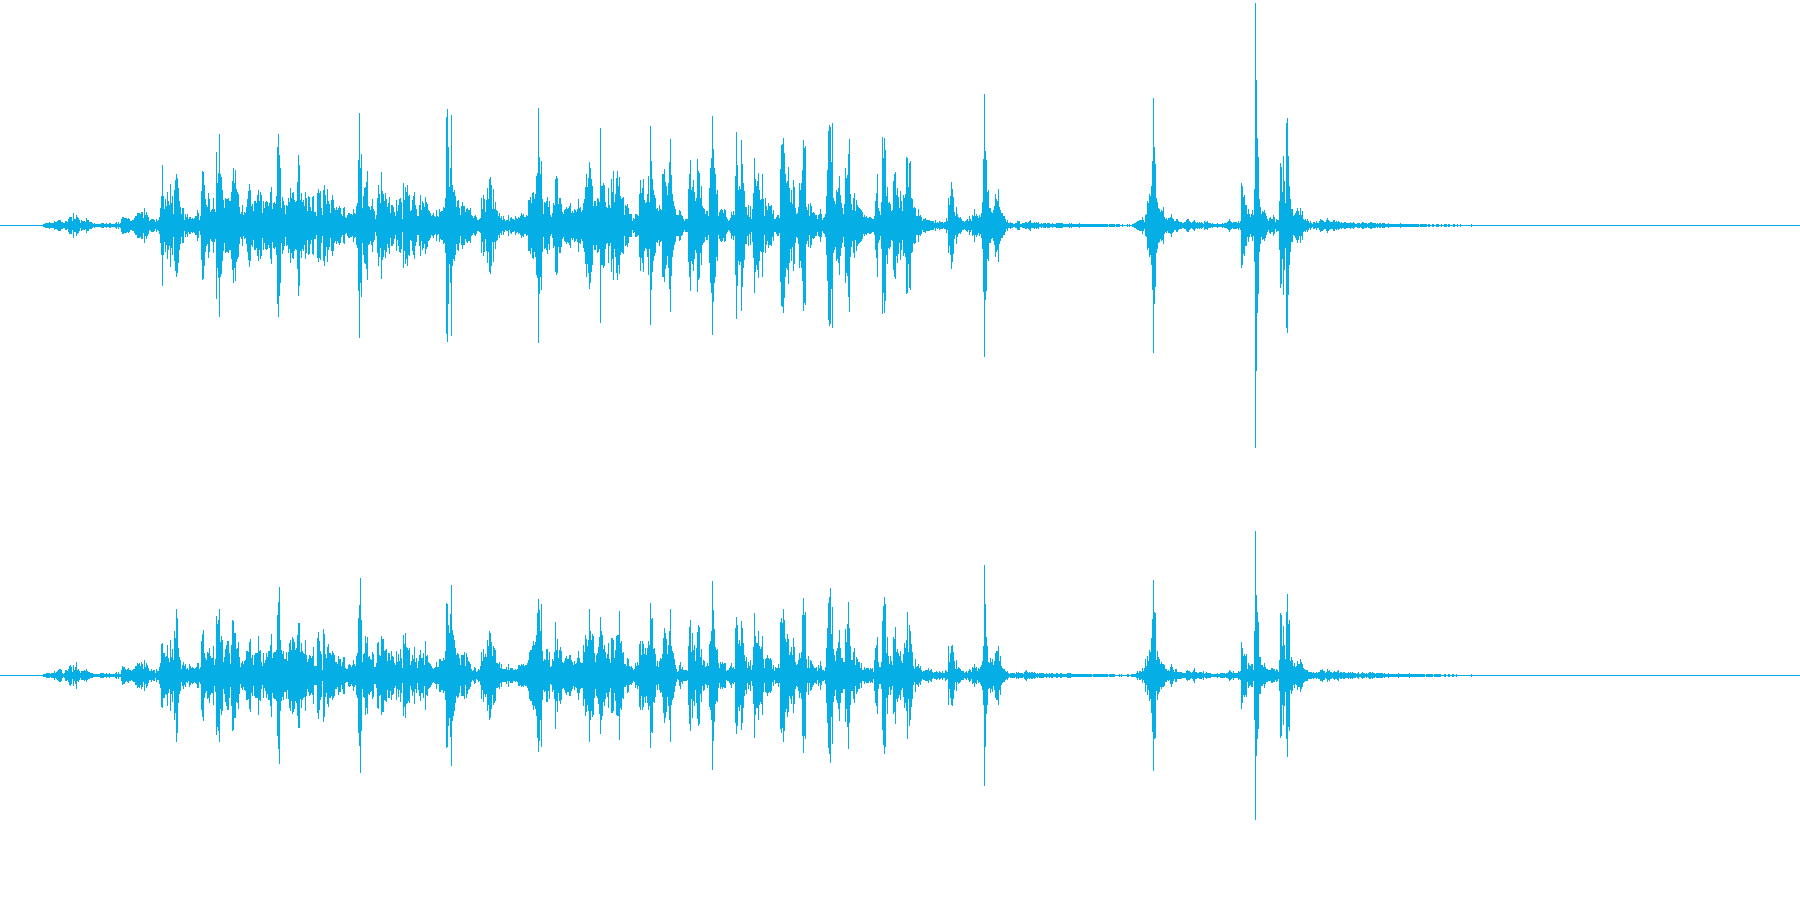 【生録音】カッターナイフの音 15の再生済みの波形